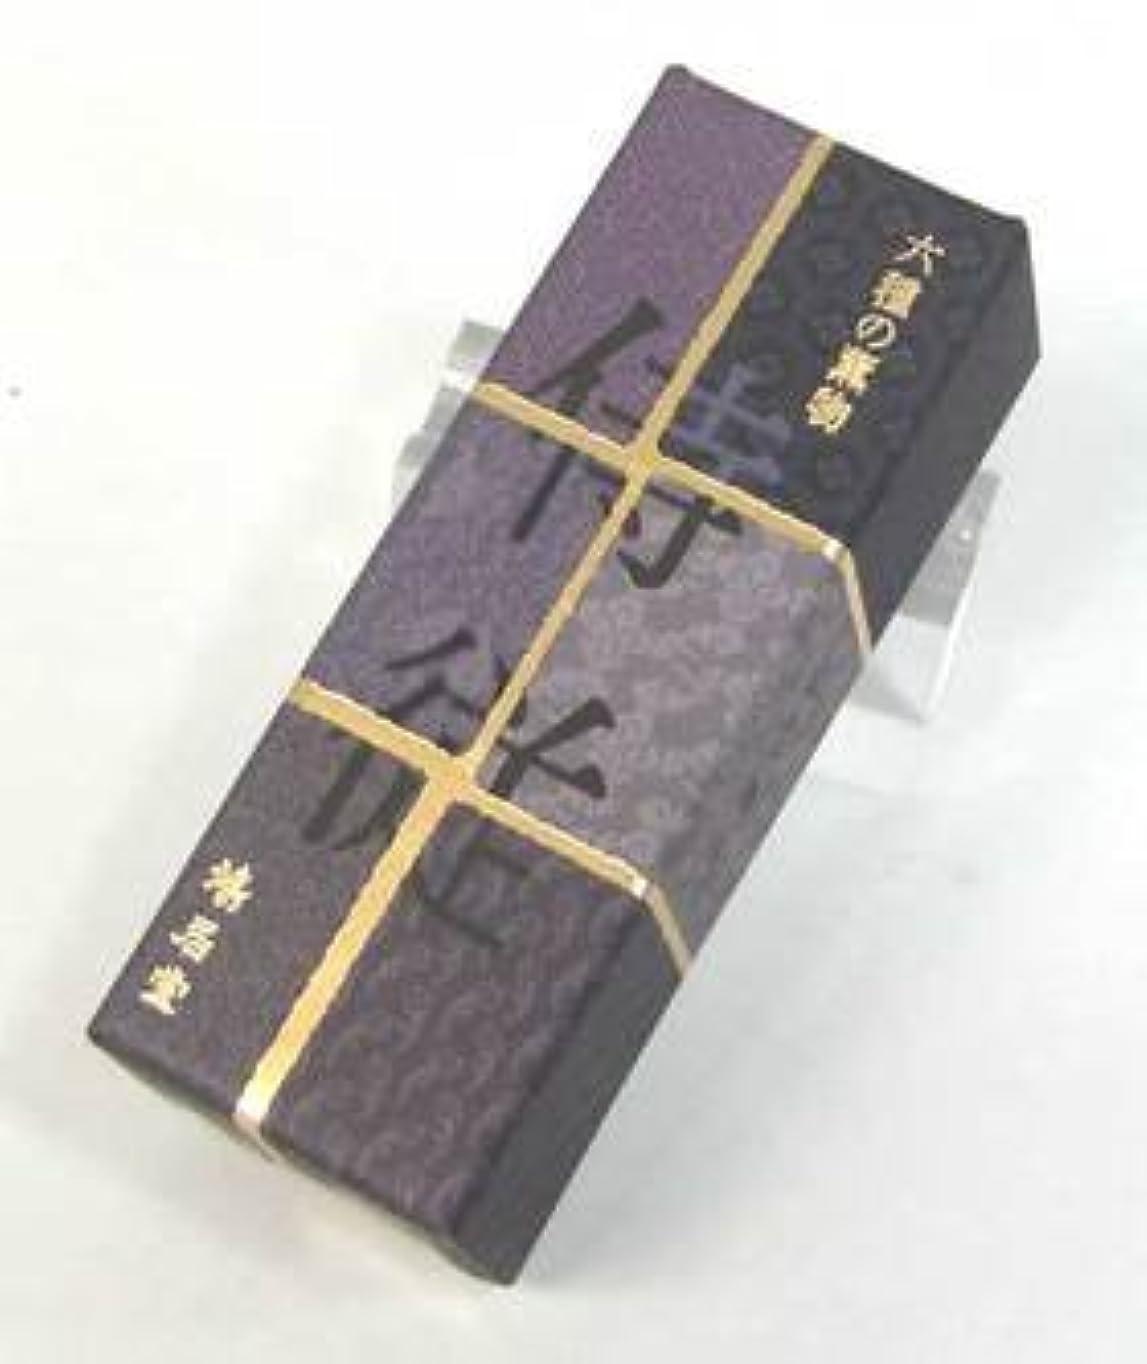 中国振る舞う鳩居堂 お香 侍従(じじゅう)六種の薫物(むくさのたきもの)シリーズ スティックタイプ(棒状香)20本いり